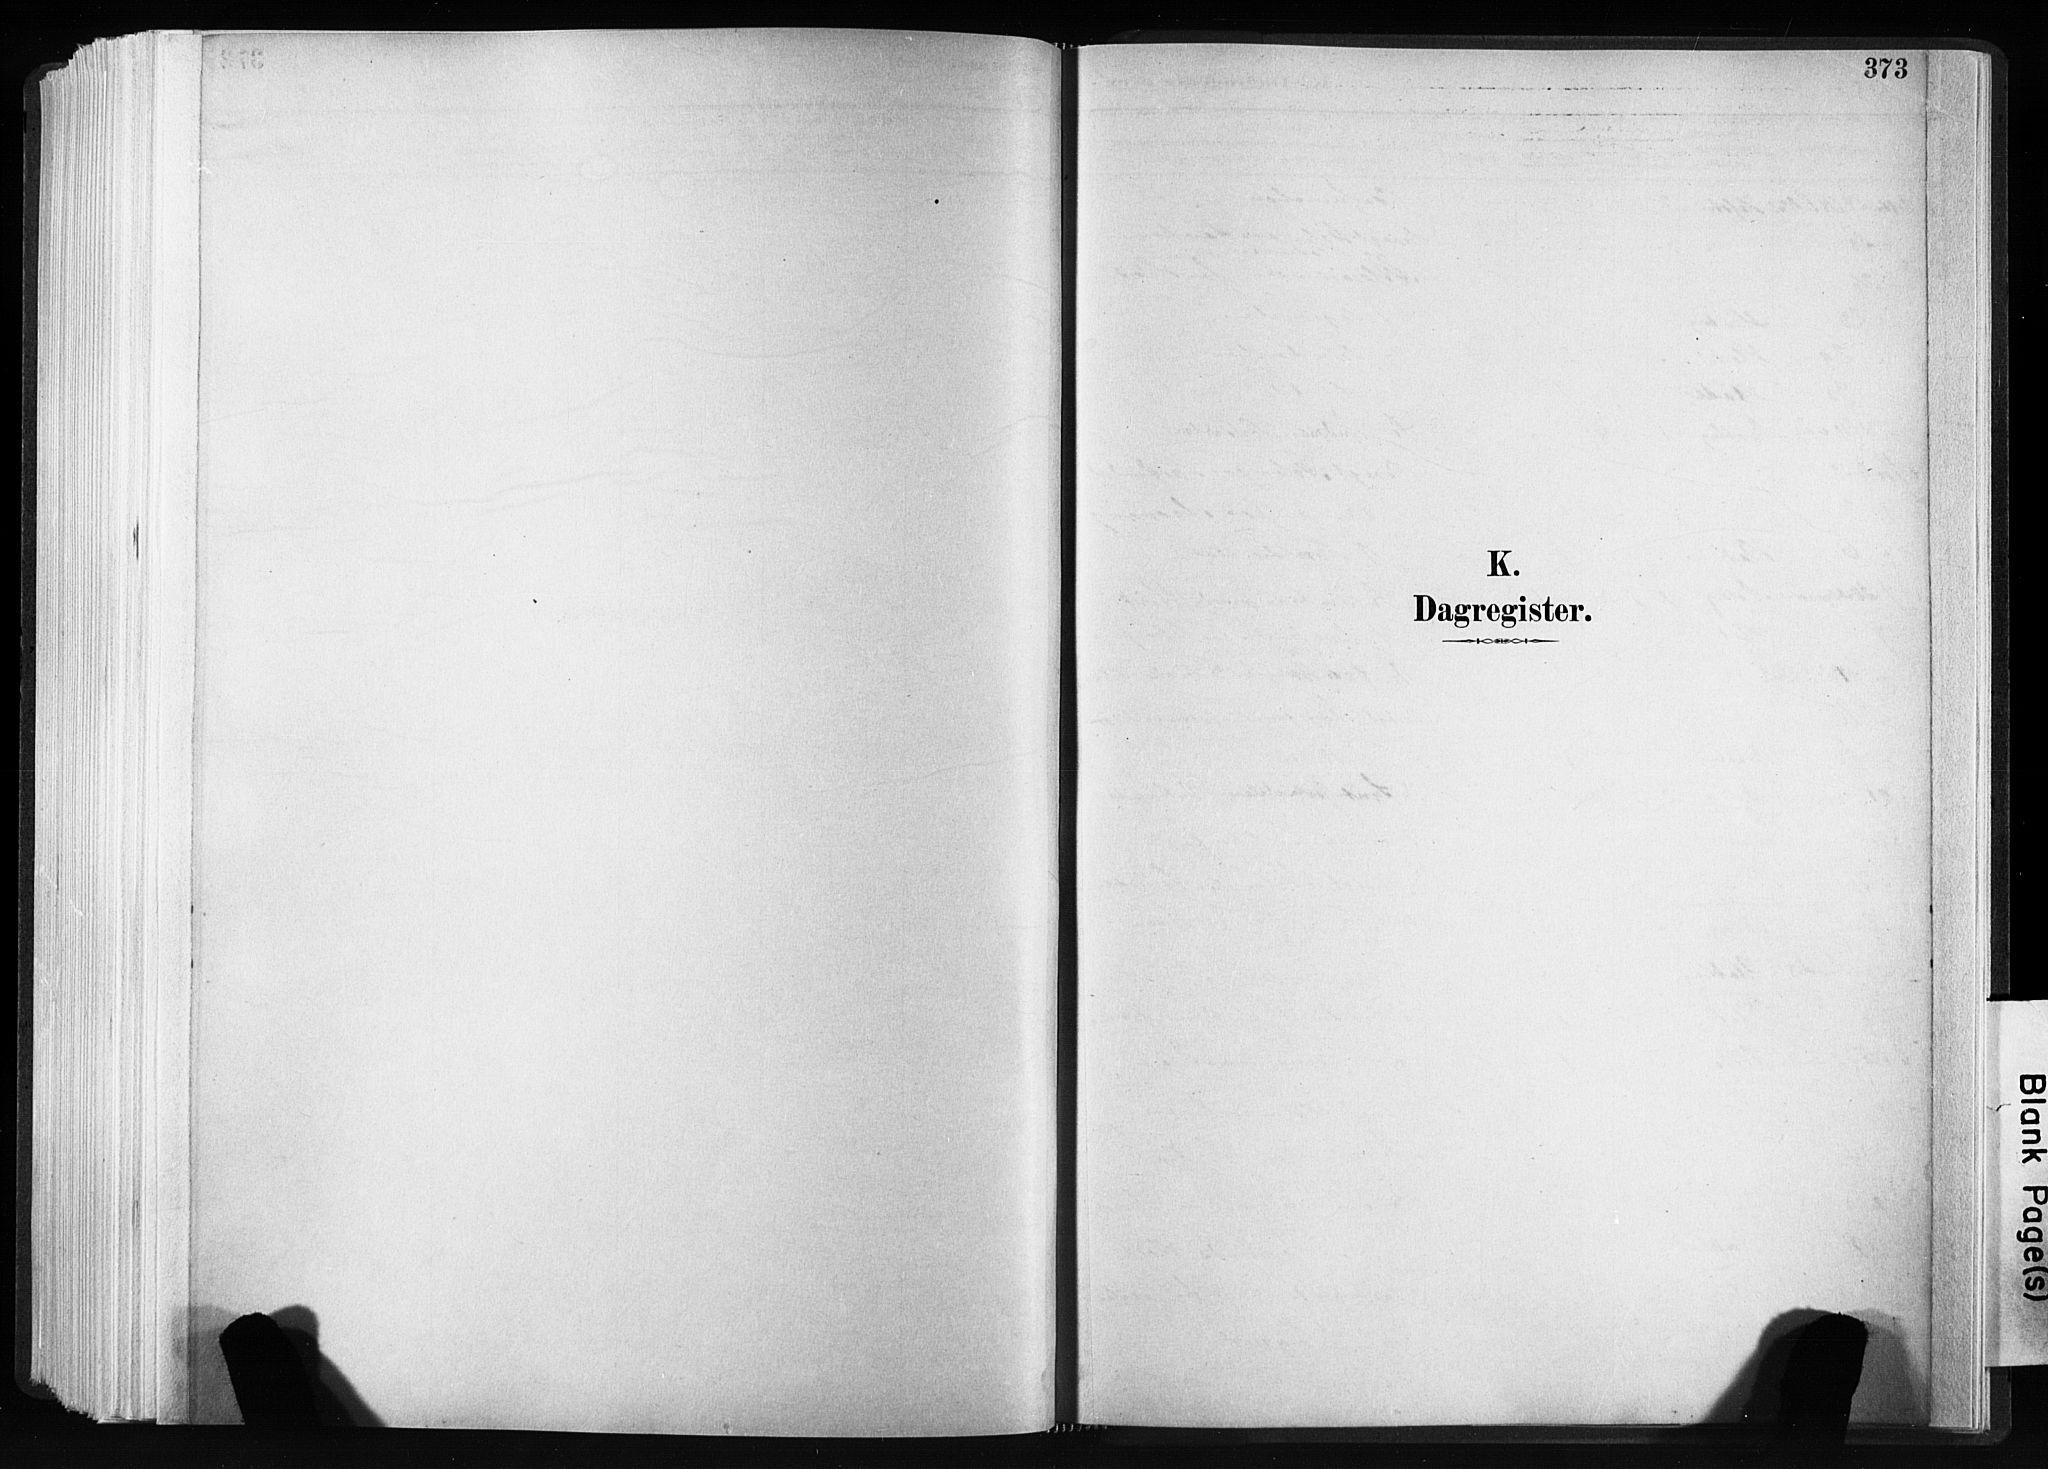 SAT, Ministerialprotokoller, klokkerbøker og fødselsregistre - Sør-Trøndelag, 606/L0300: Ministerialbok nr. 606A15, 1886-1893, s. 373